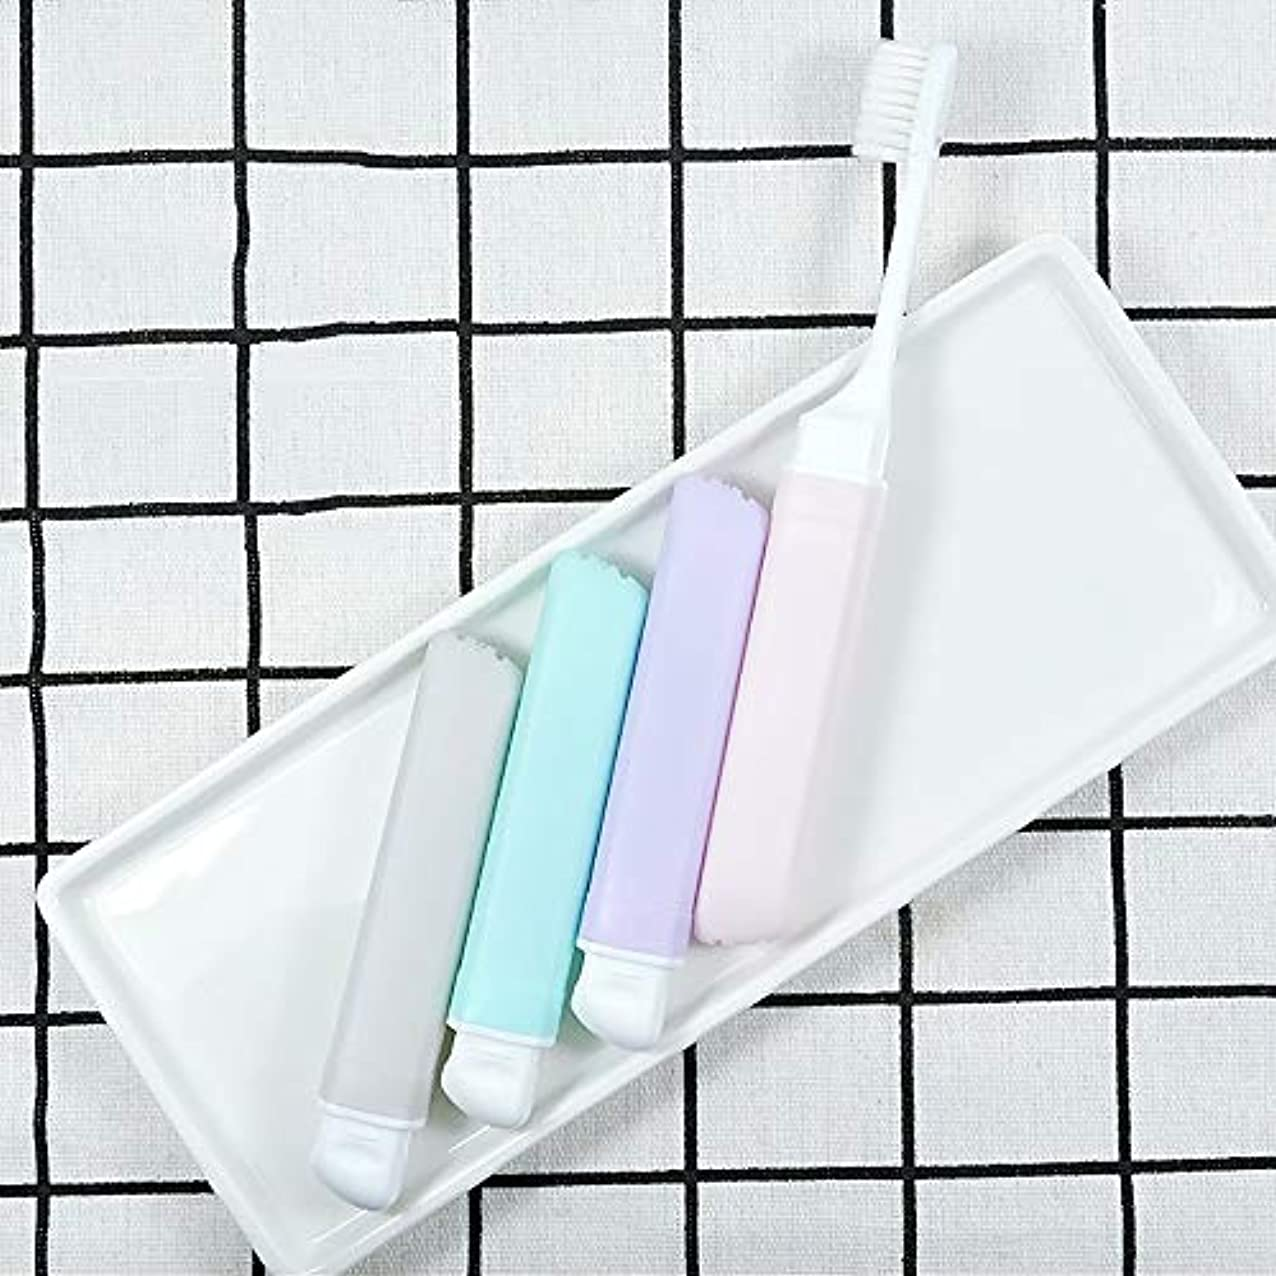 クアッガマッシュ丘歯ブラシ 10柔らかい歯ブラシ、携帯用歯ブラシ、折り畳み式の大人歯ブラシ - 10パック KHL (サイズ : 10 packs)